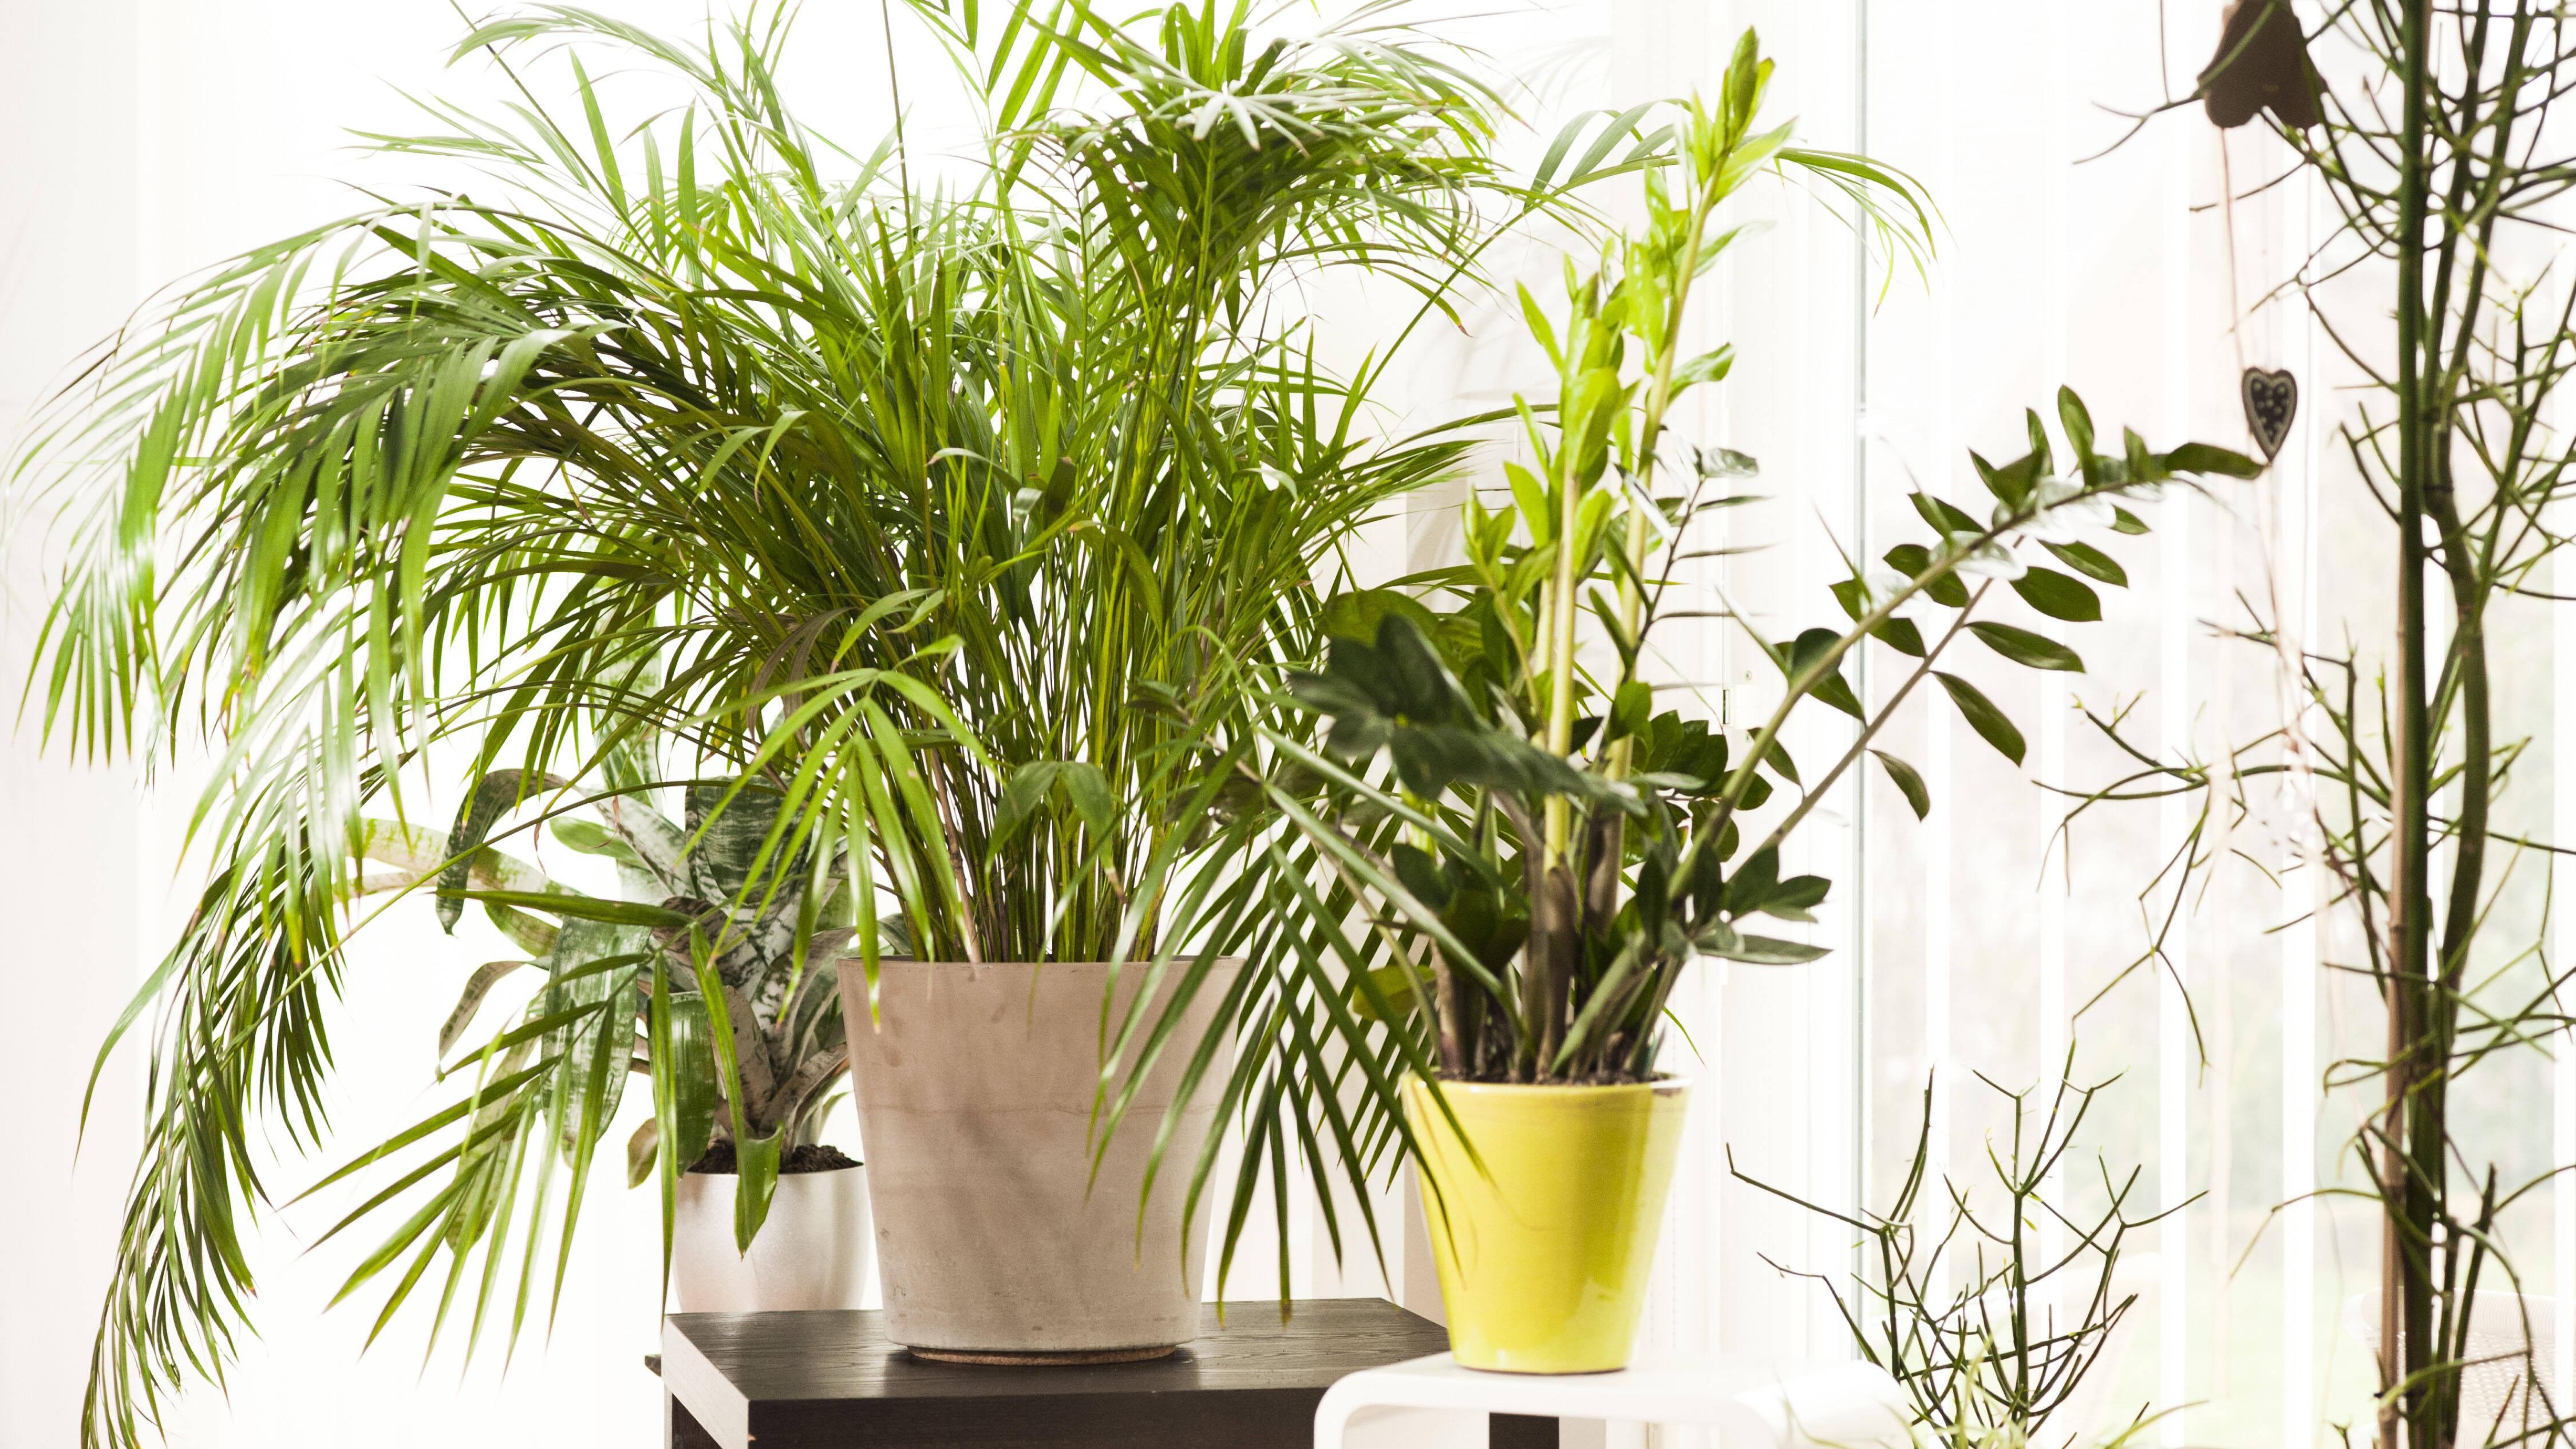 Behaarte Pflanzenblätter sollten Sie nach Möglichkeit trocken reinigen, damit keine Fäulnis entsteht.